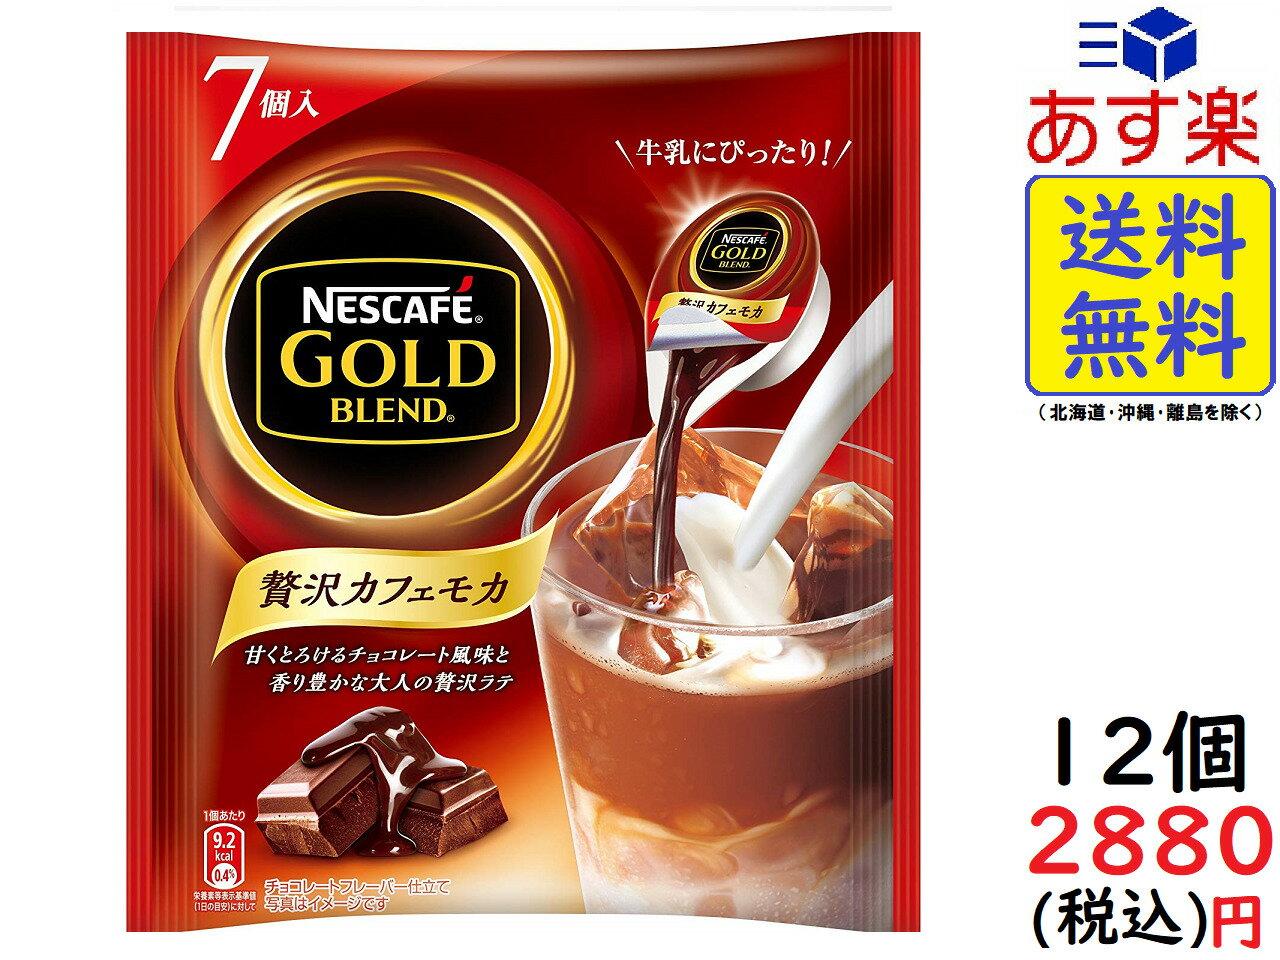 ネスカフェ ゴールドブレンド ポーション 贅沢カフェモカ 7個×12袋 賞味期限2019/12